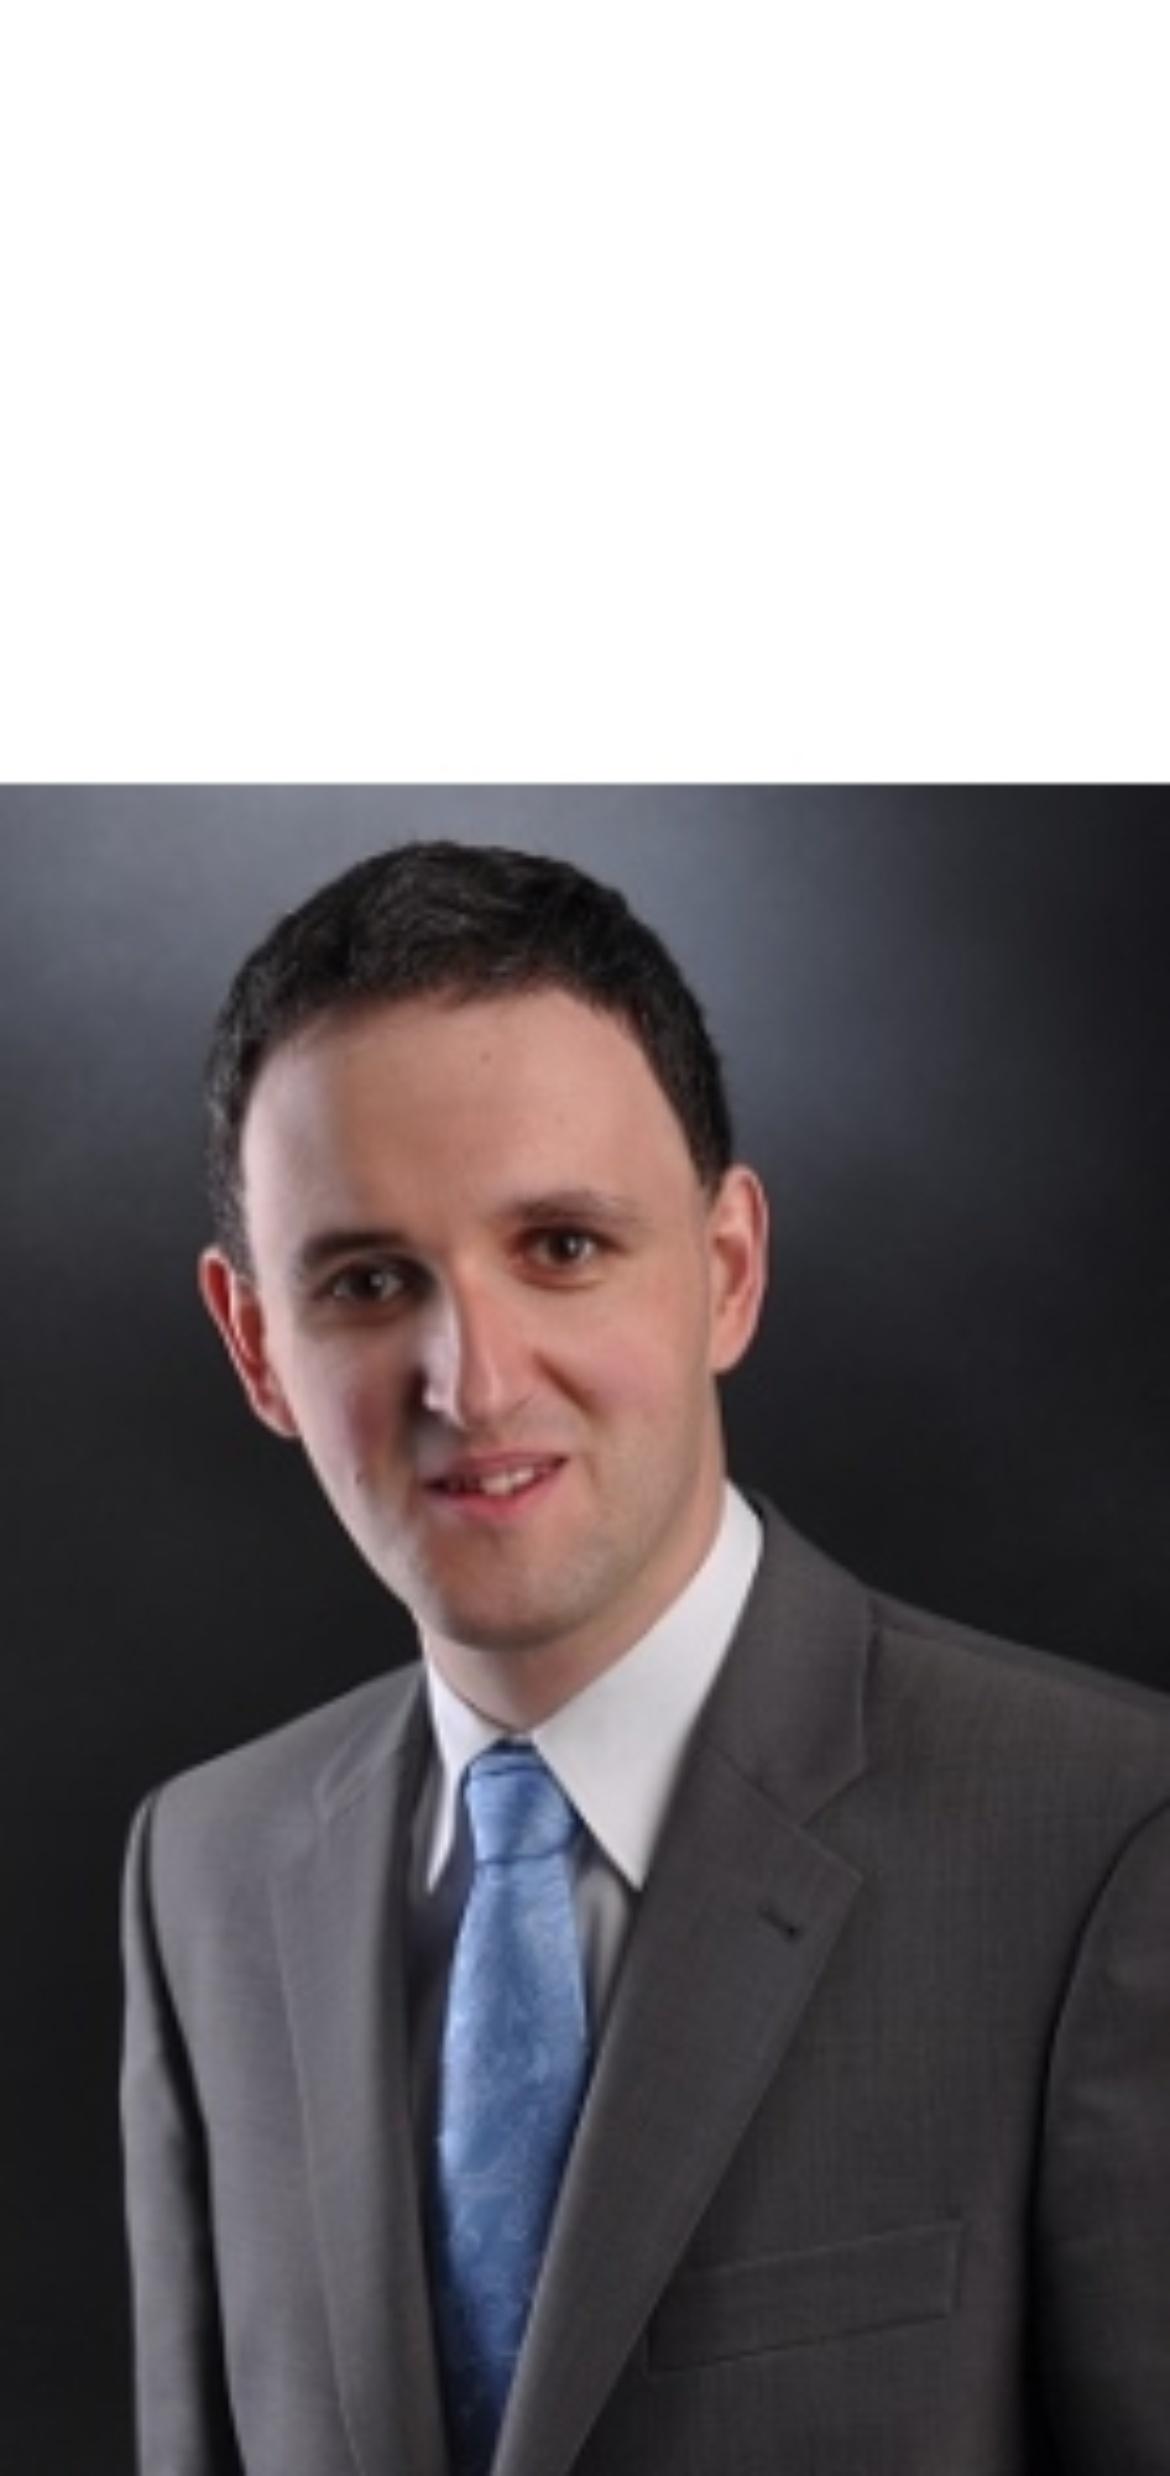 Prof. Dr. rer. nat. habil. Ilia Polian, Institutsleiter und Lehrstuhlinhaber Hardwareorientierte Informatik (c)